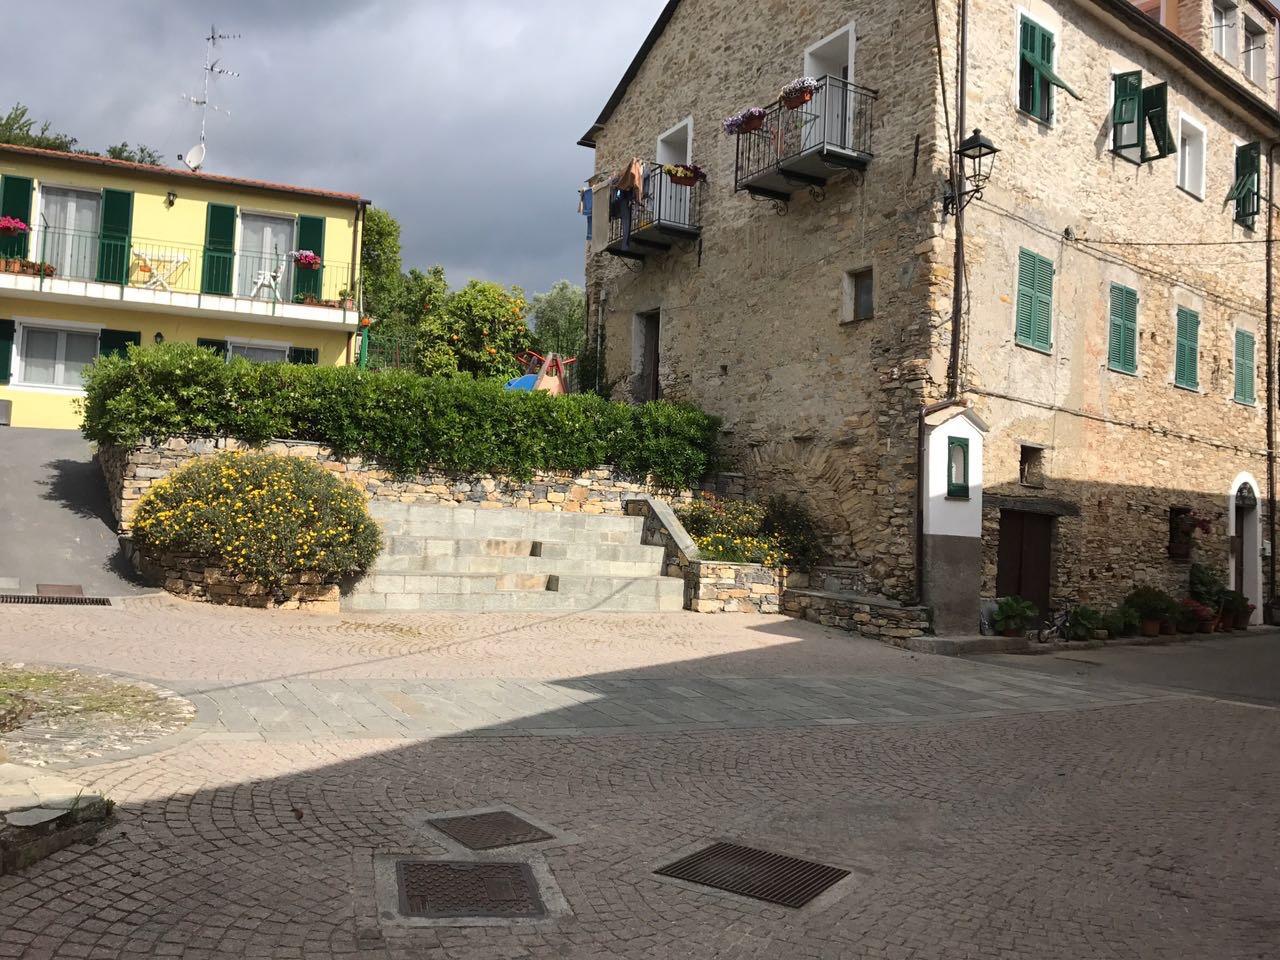 Appartamento in vendita a Chiusavecchia, 2 locali, prezzo € 39.000 | CambioCasa.it